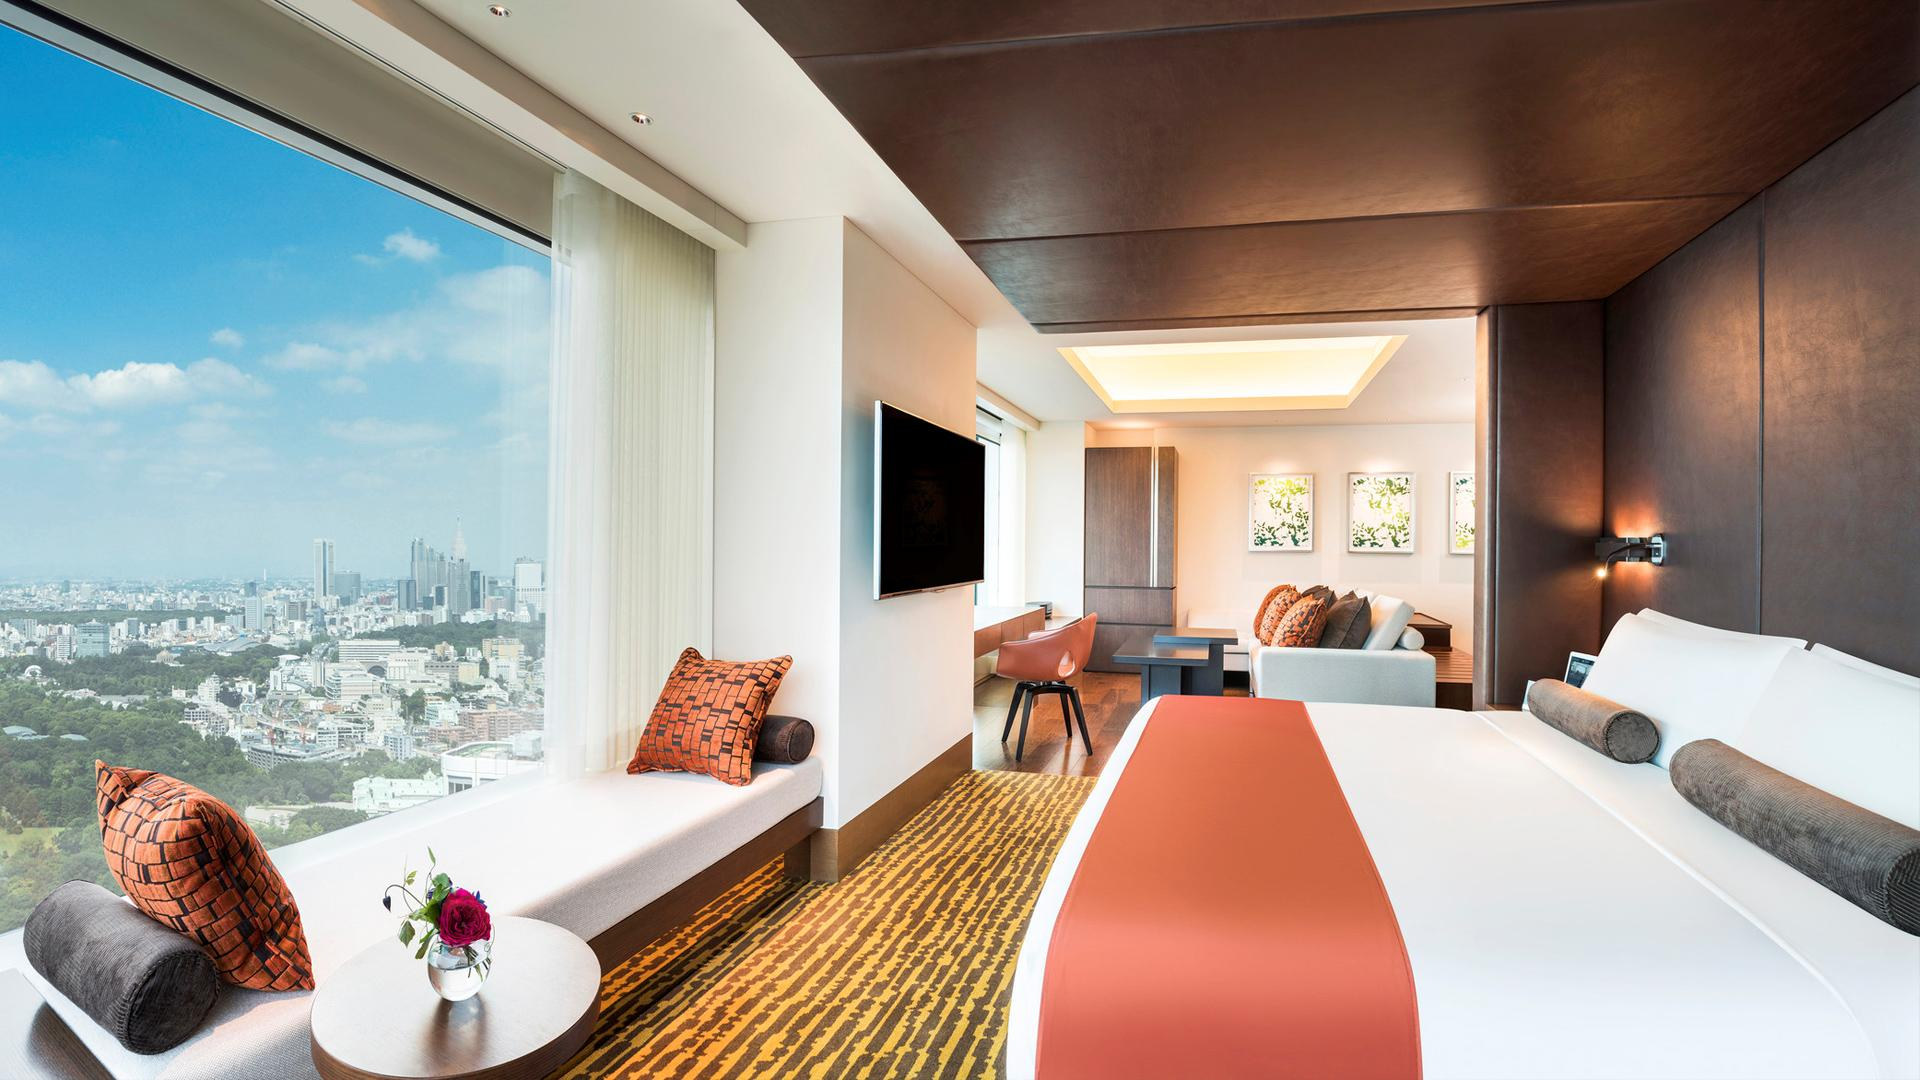 Las líneas aéreas sobrevenden. Los hoteles también. ¿Qué sucede si nos quedamos sin habitación?